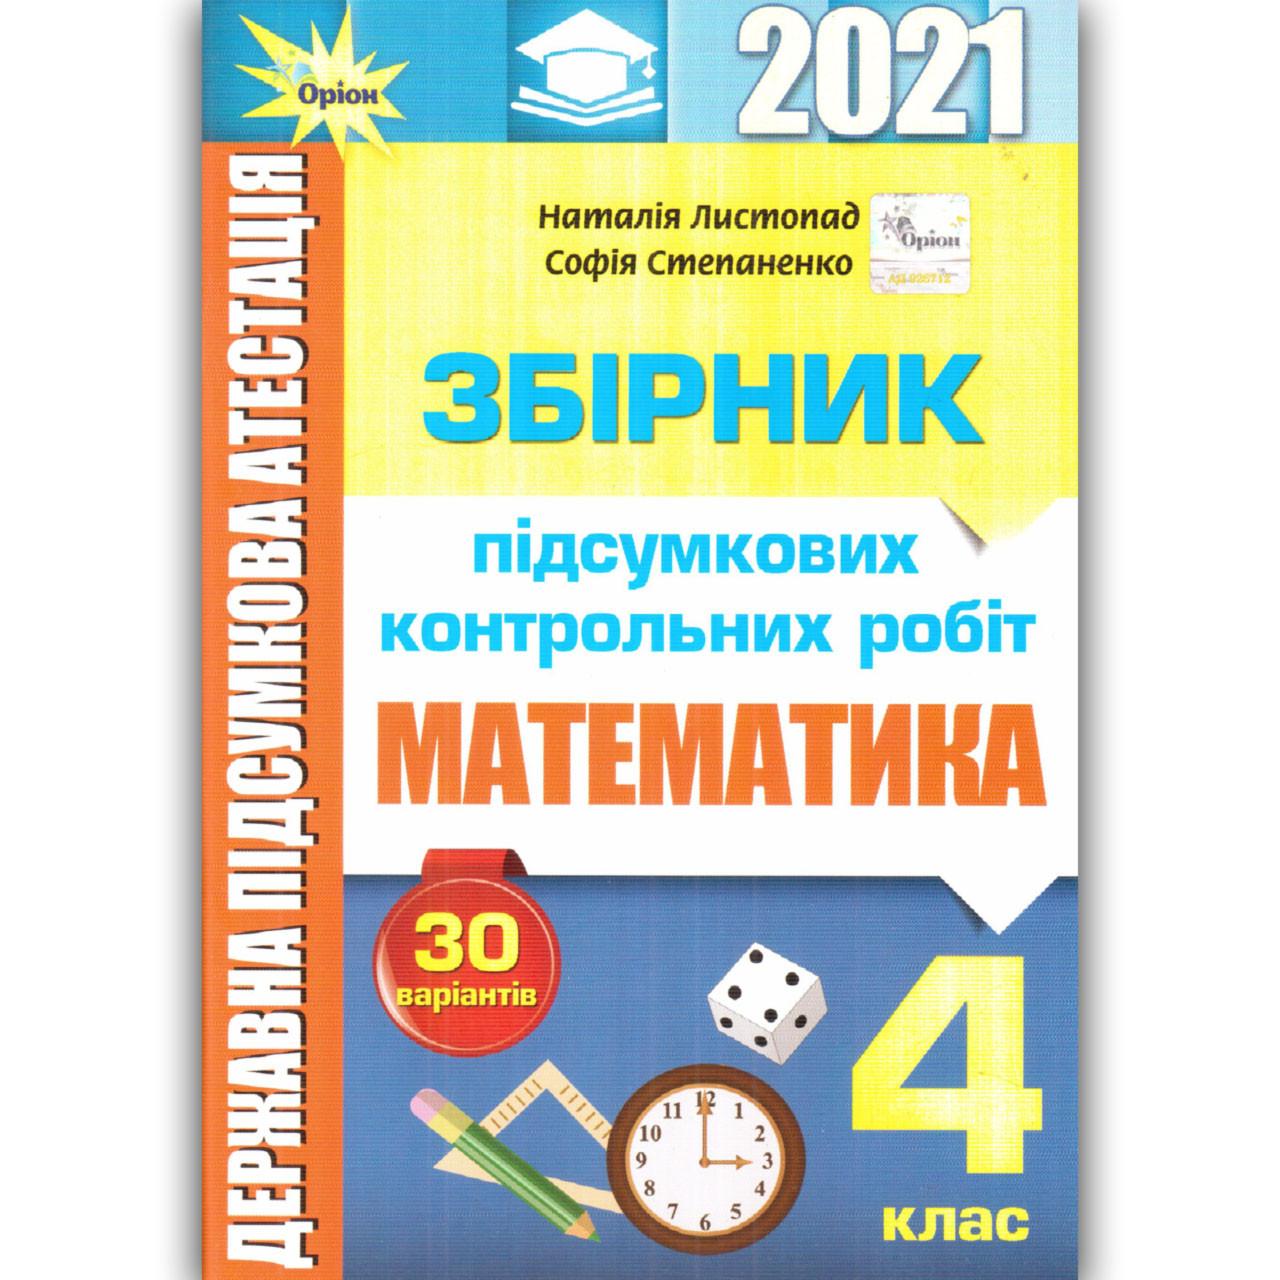 ДПА 4 клас 2021 Математика Авт: Листопад Н. Вид: Оріон